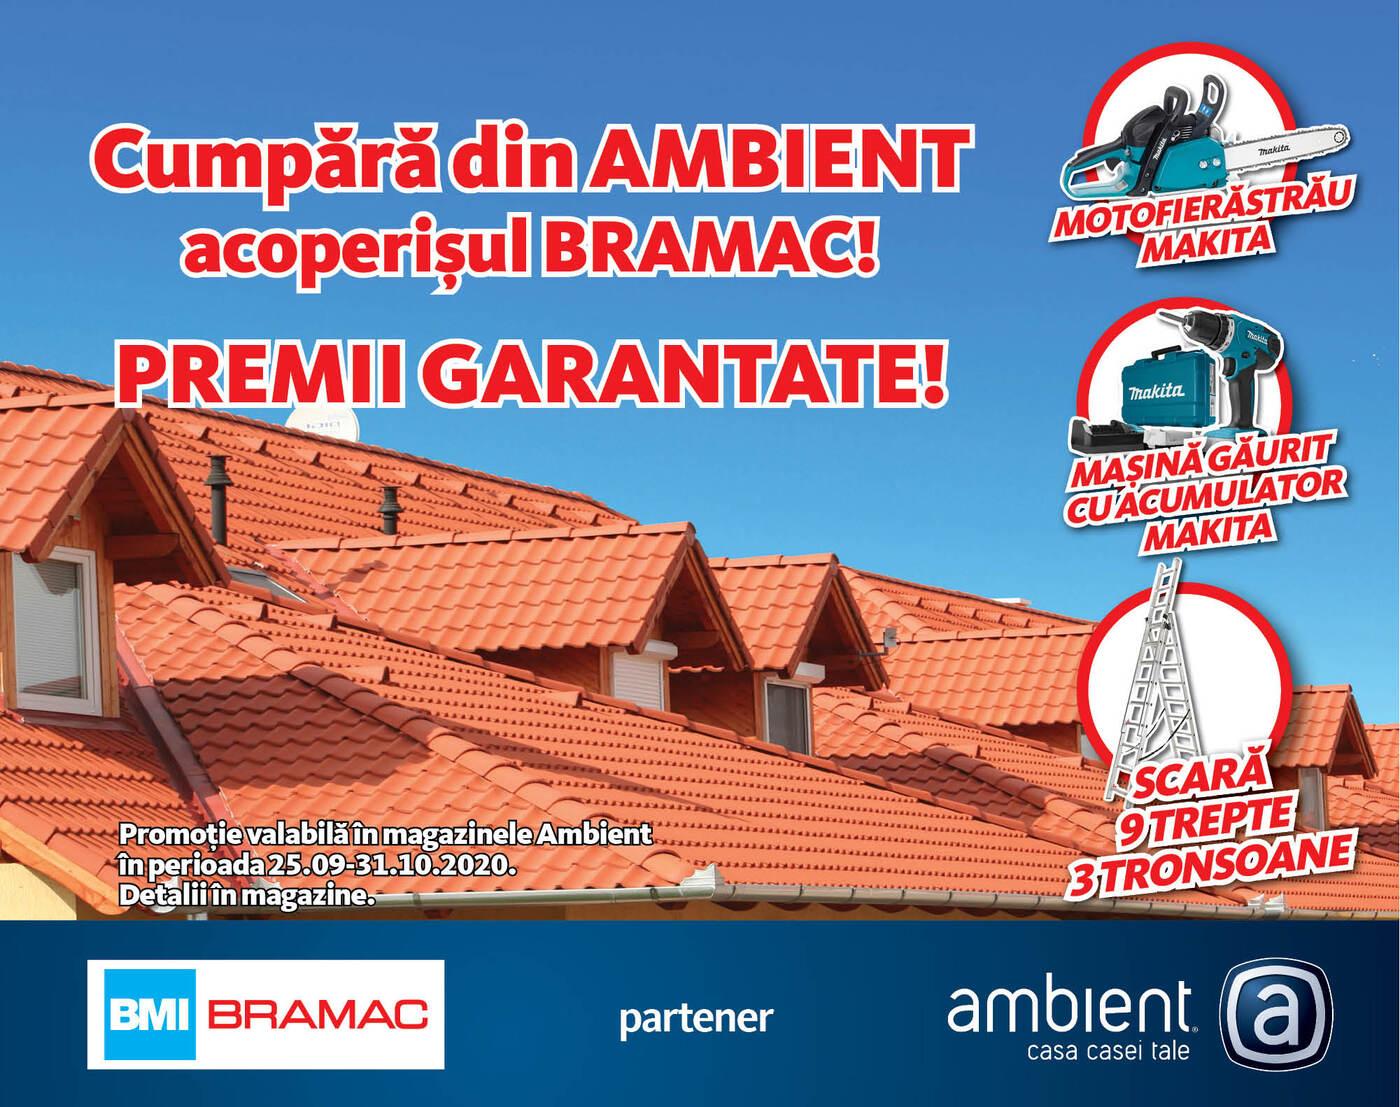 Acoperiș Bramac. Premii garantate